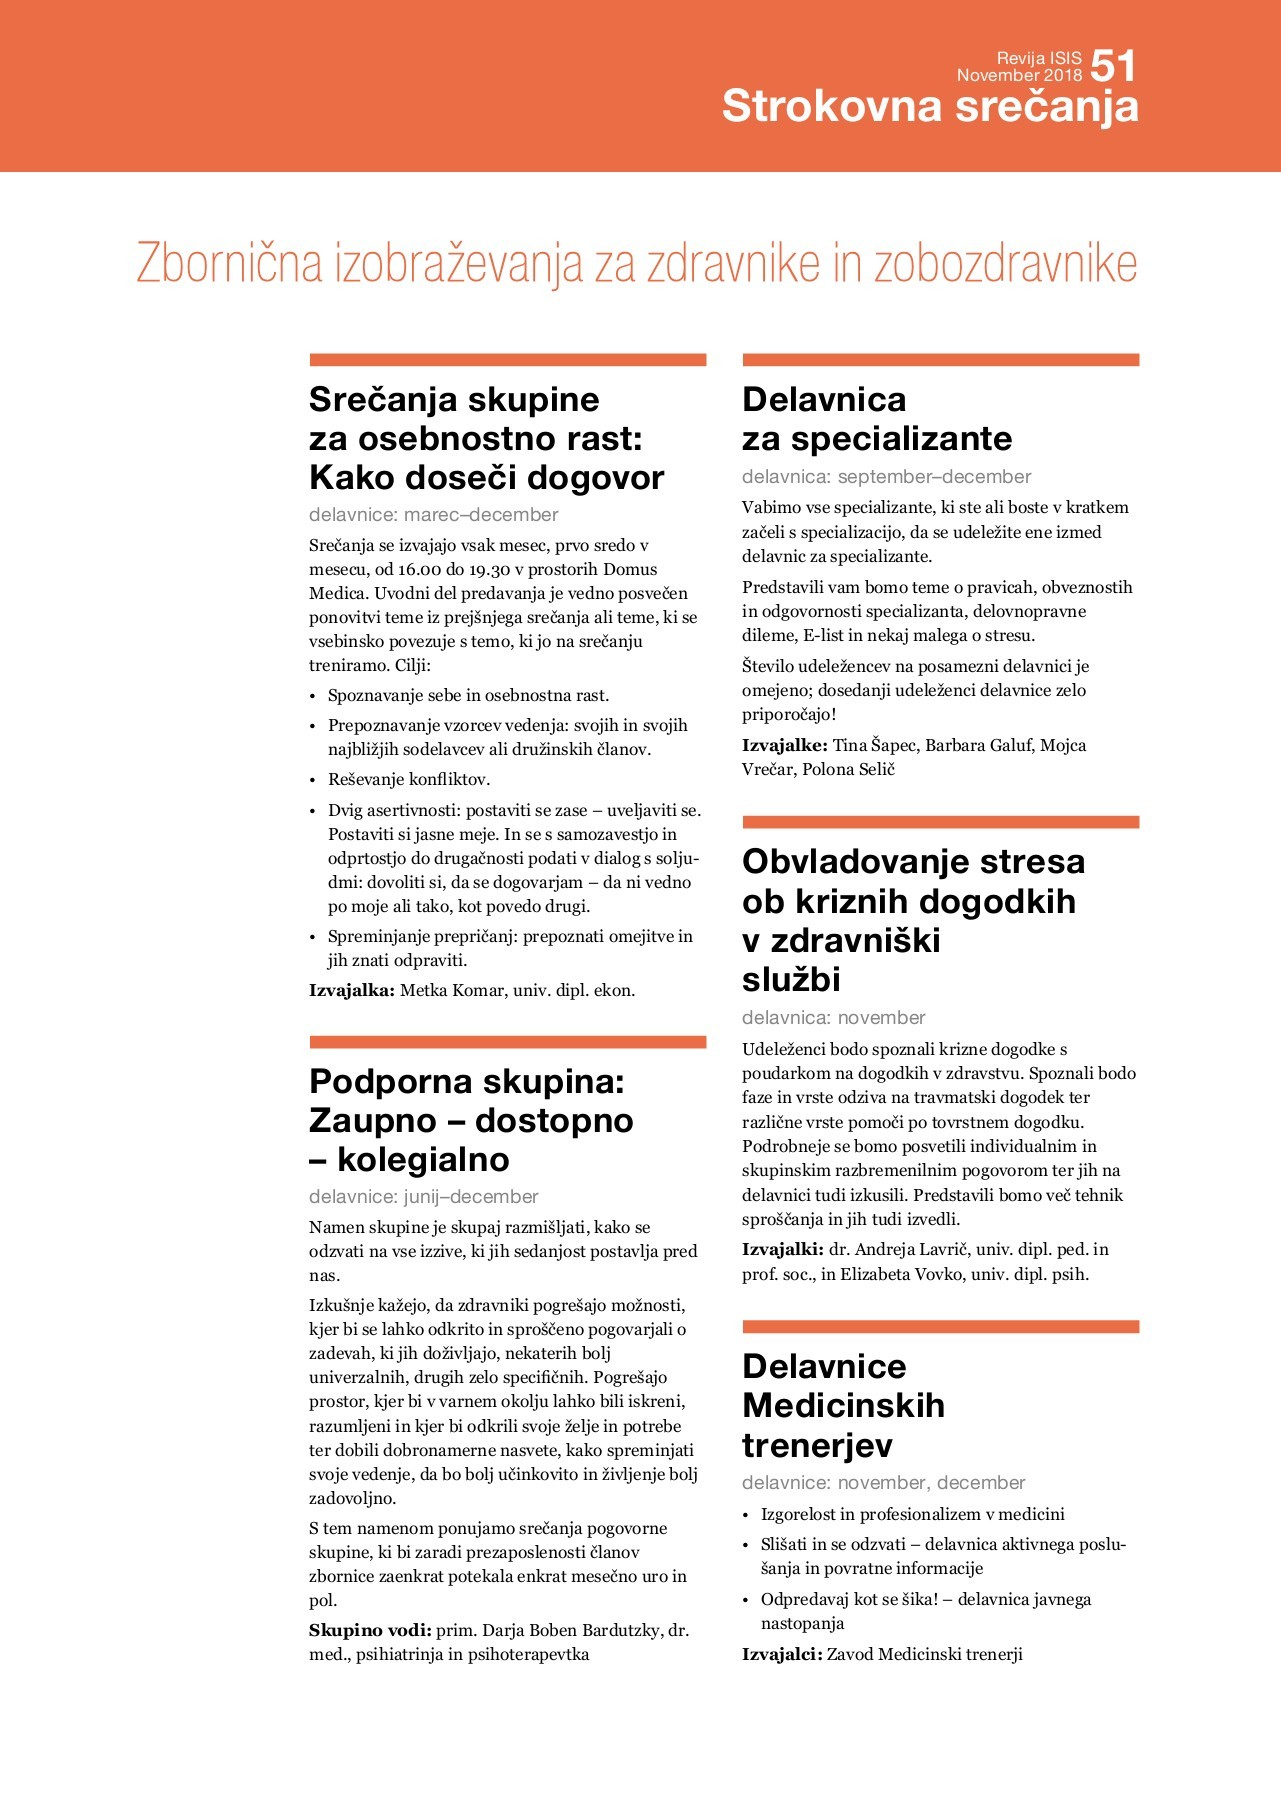 hipertenziju i kardiovaskularnu oprema hipertenzija u 40 godina za liječenje recenzije